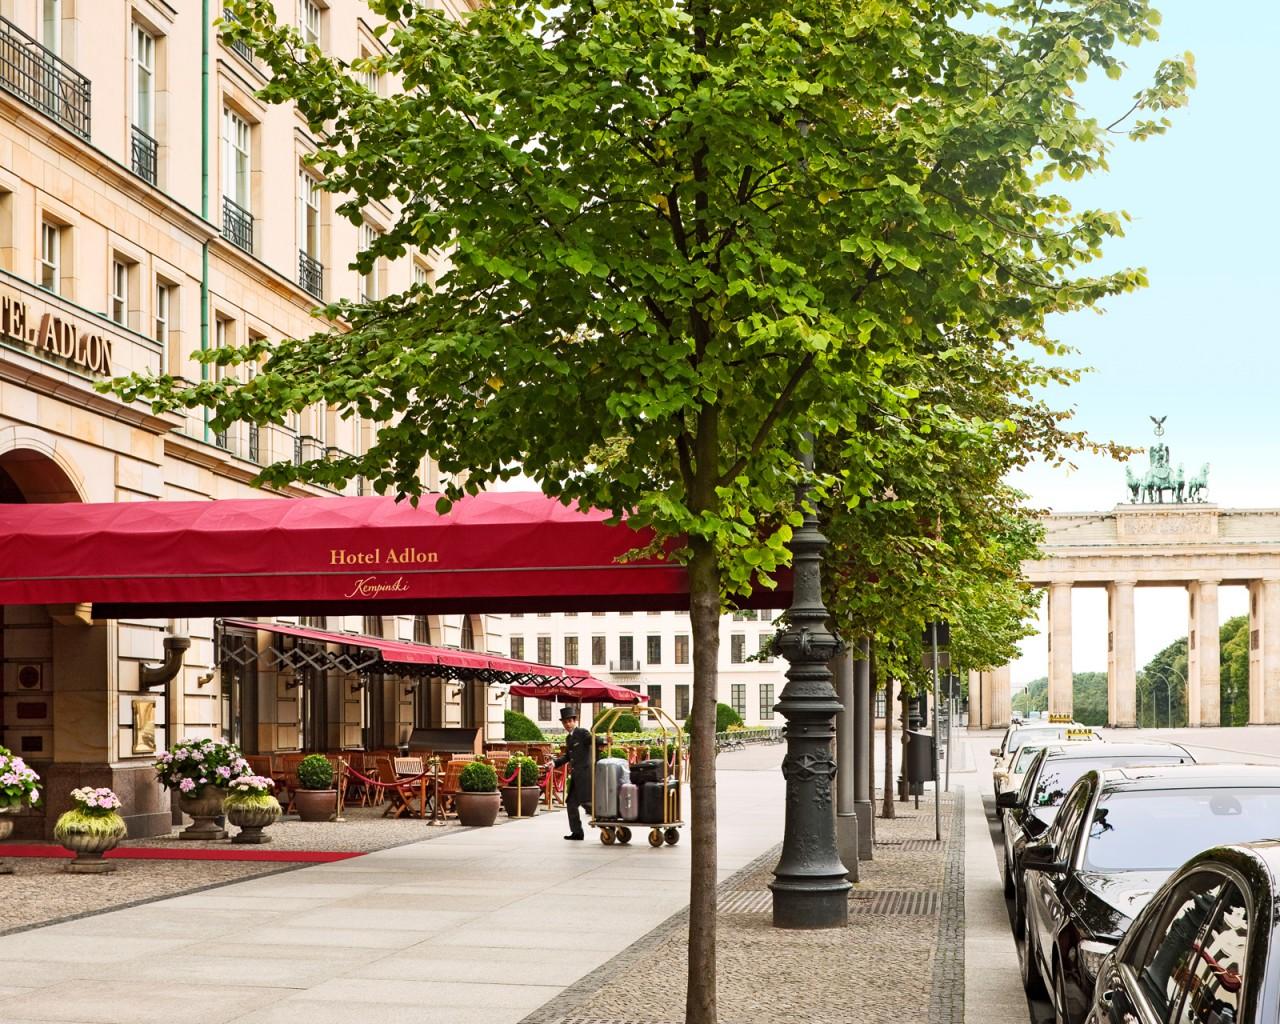 portão de brandenburg foto divulgação salão de baile do hotel #4B5F10 1280 1024